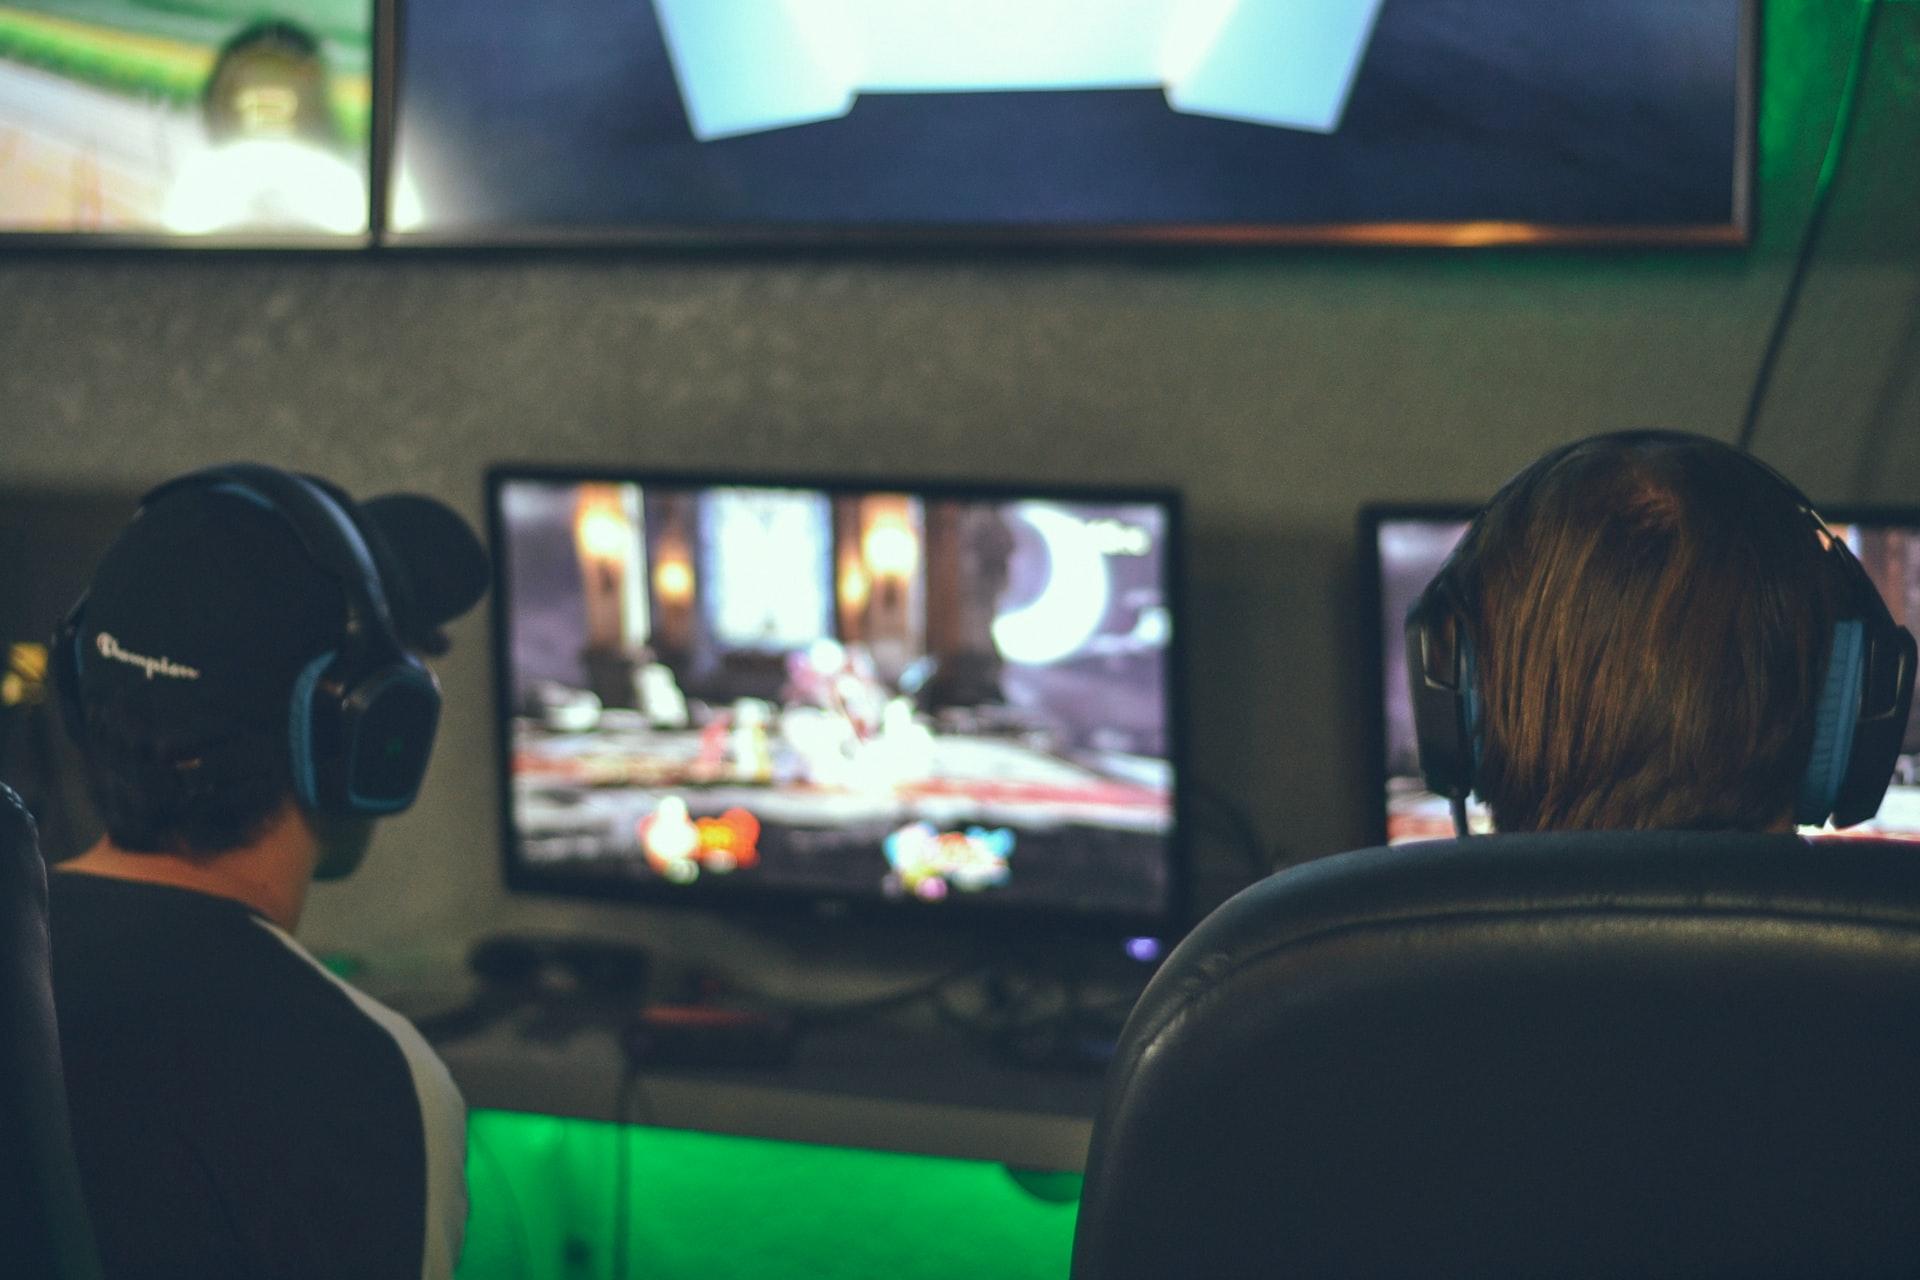 foto de dois jovens jogando computador